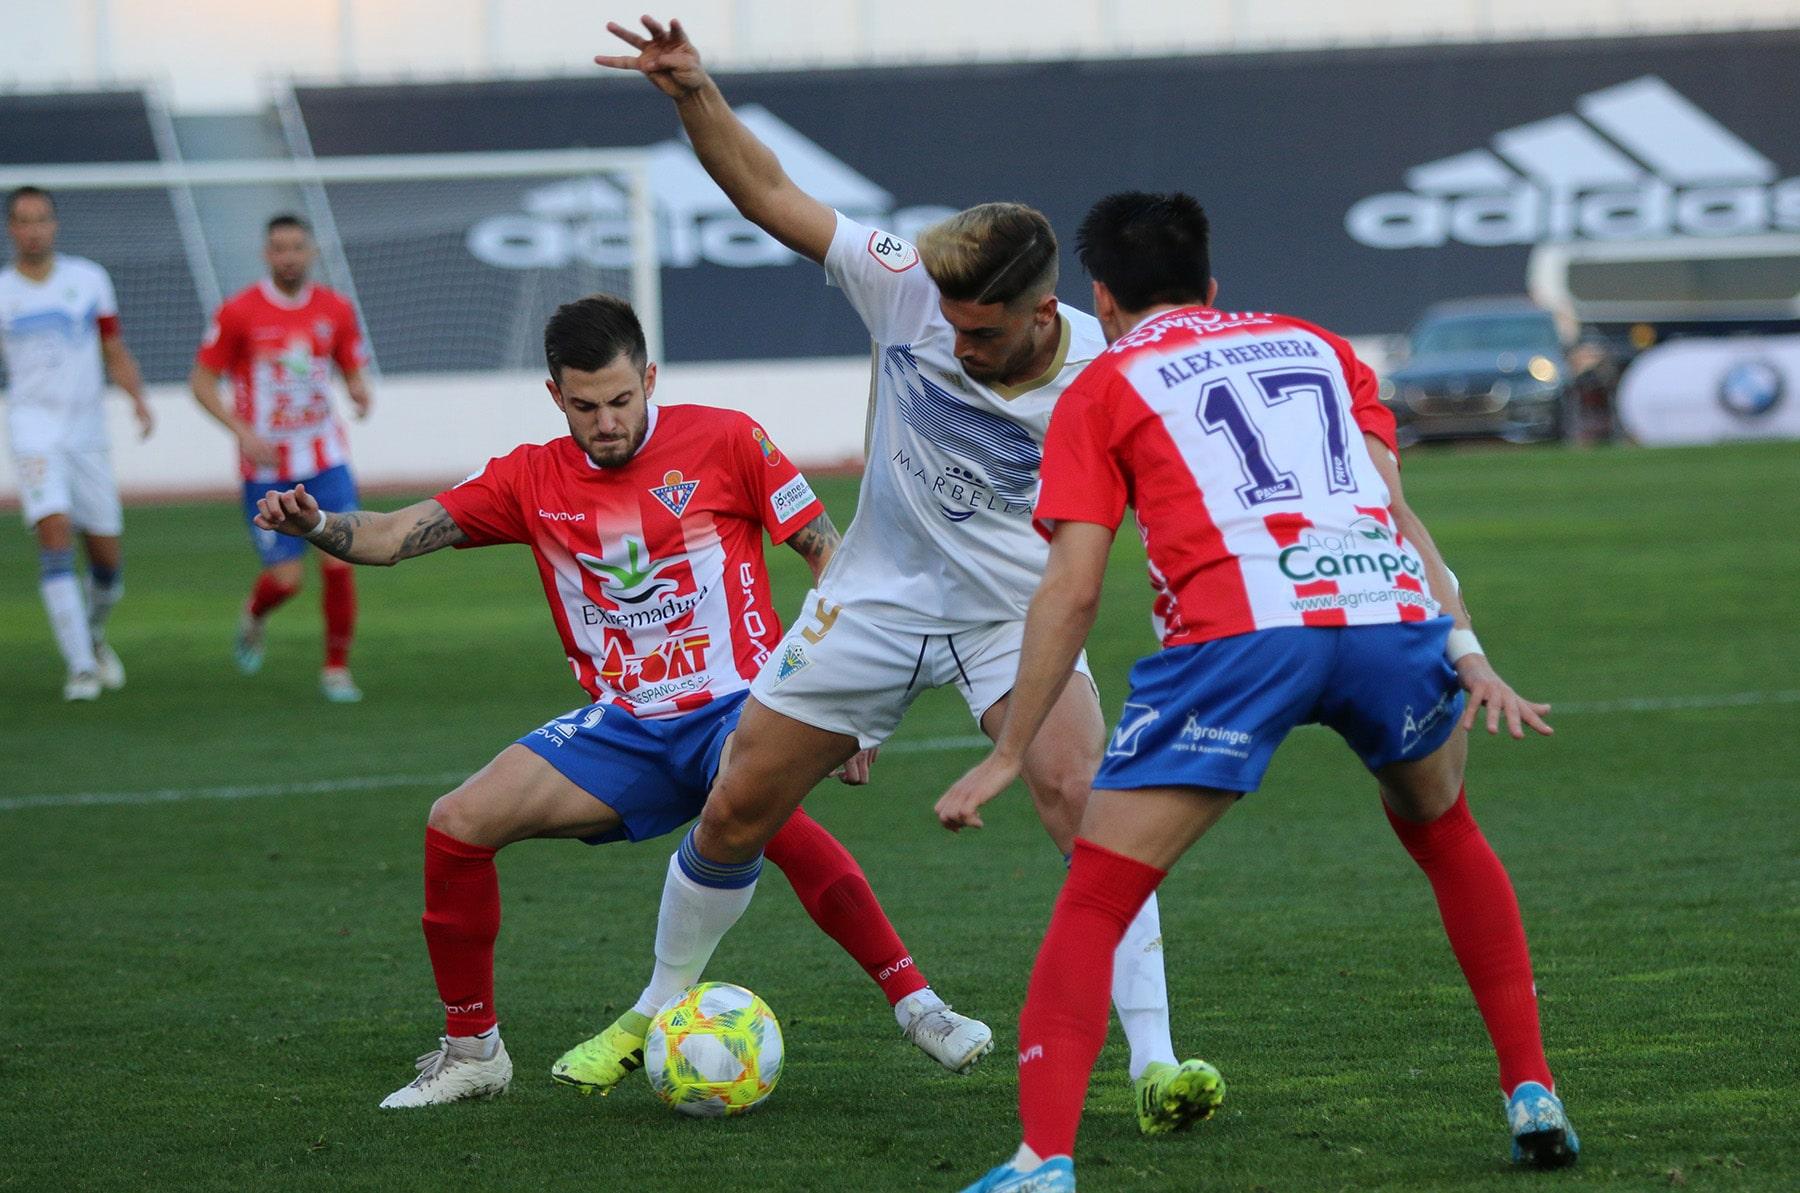 El Marbella FC vs Don Benito hace recuperar a los blanquillos el liderato